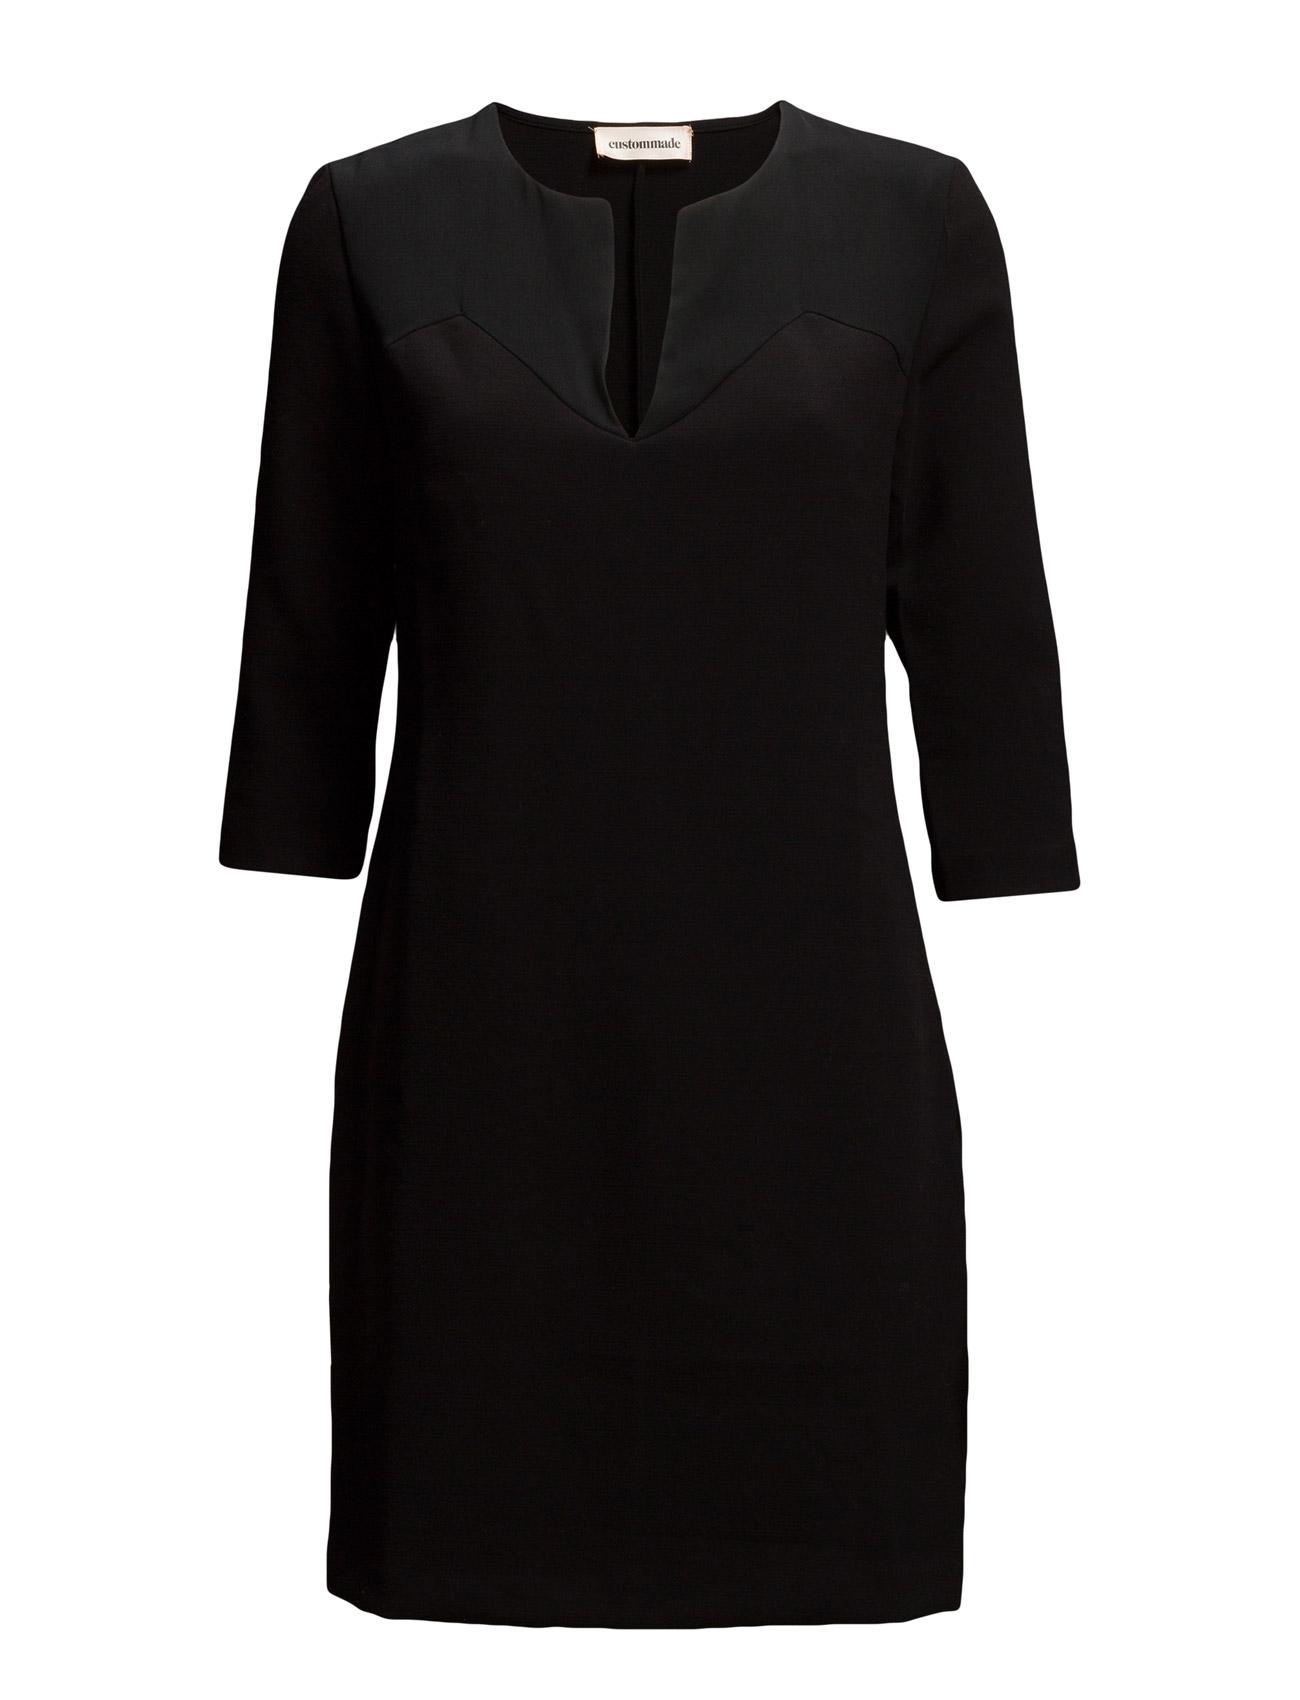 Brianna Custommade Knælange & mellemlange til Kvinder i Antracit sort